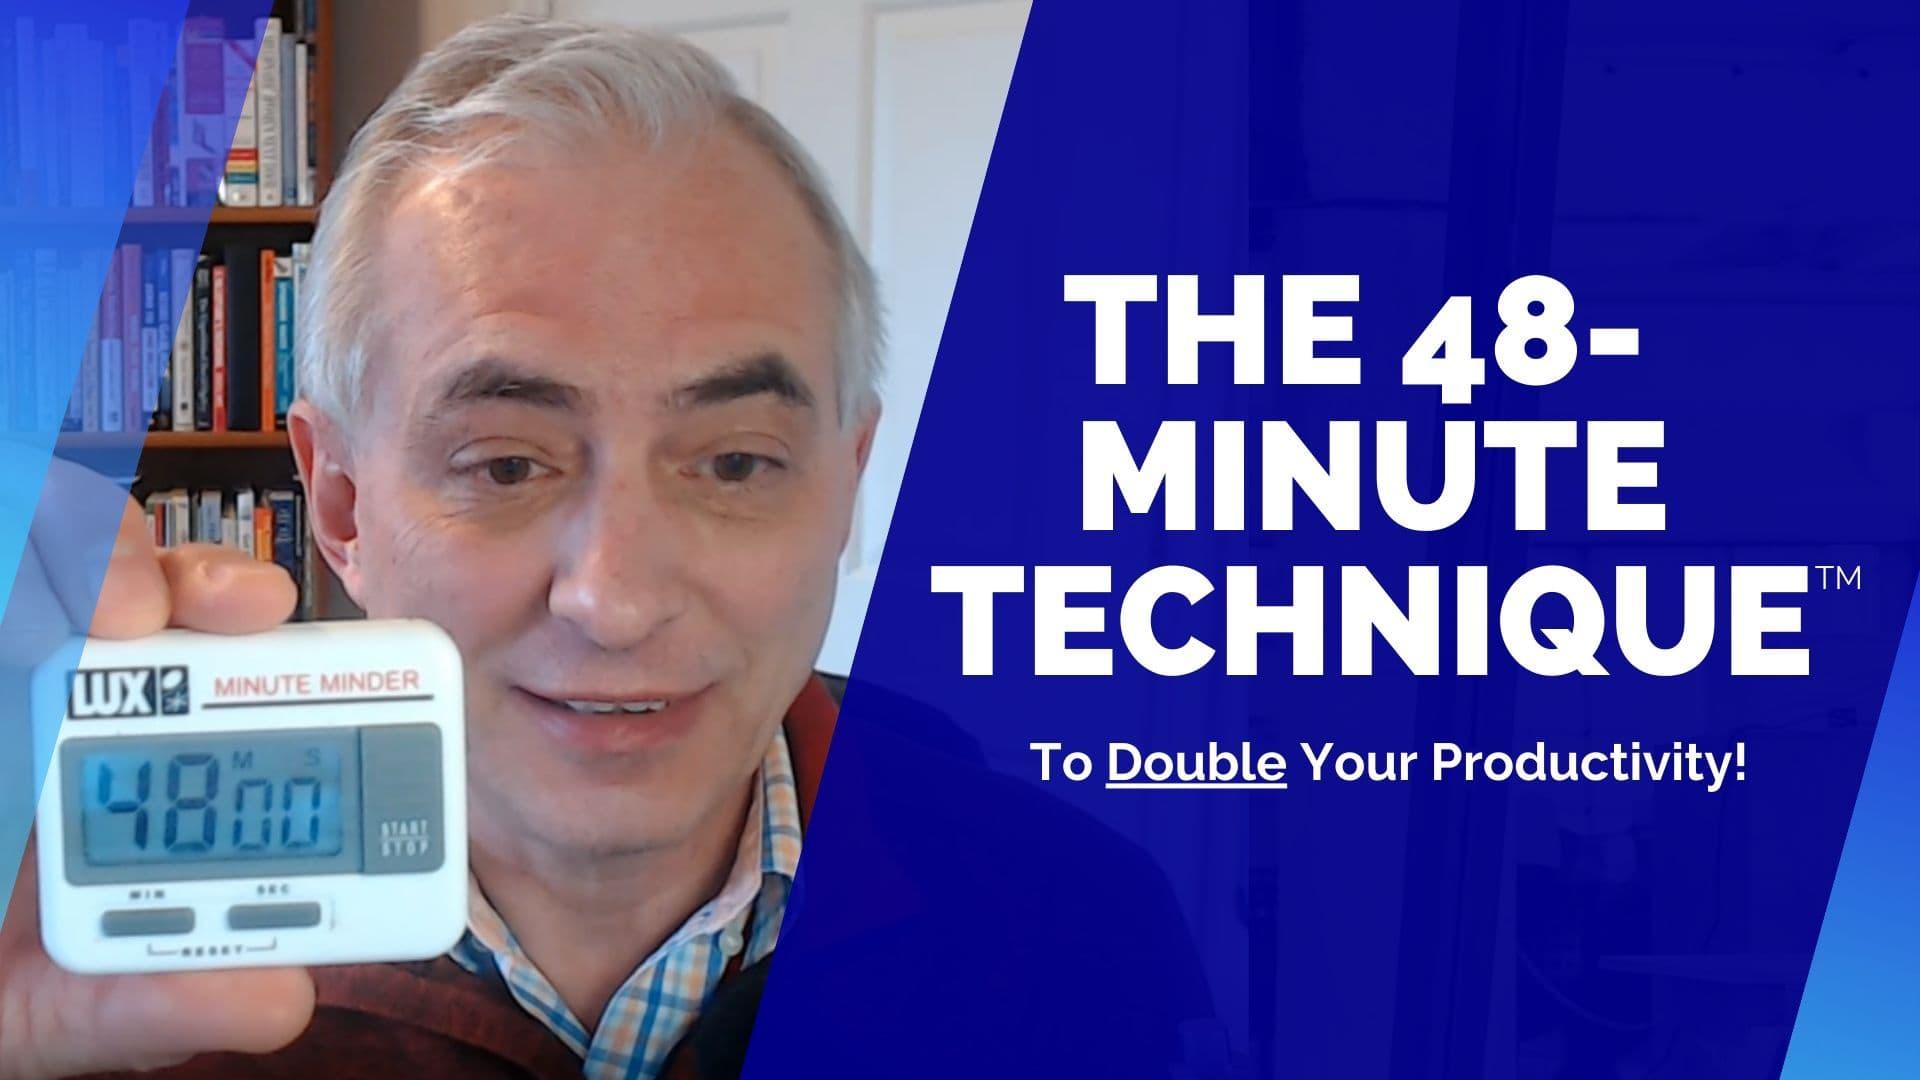 The48MinuteTechnique Video Still